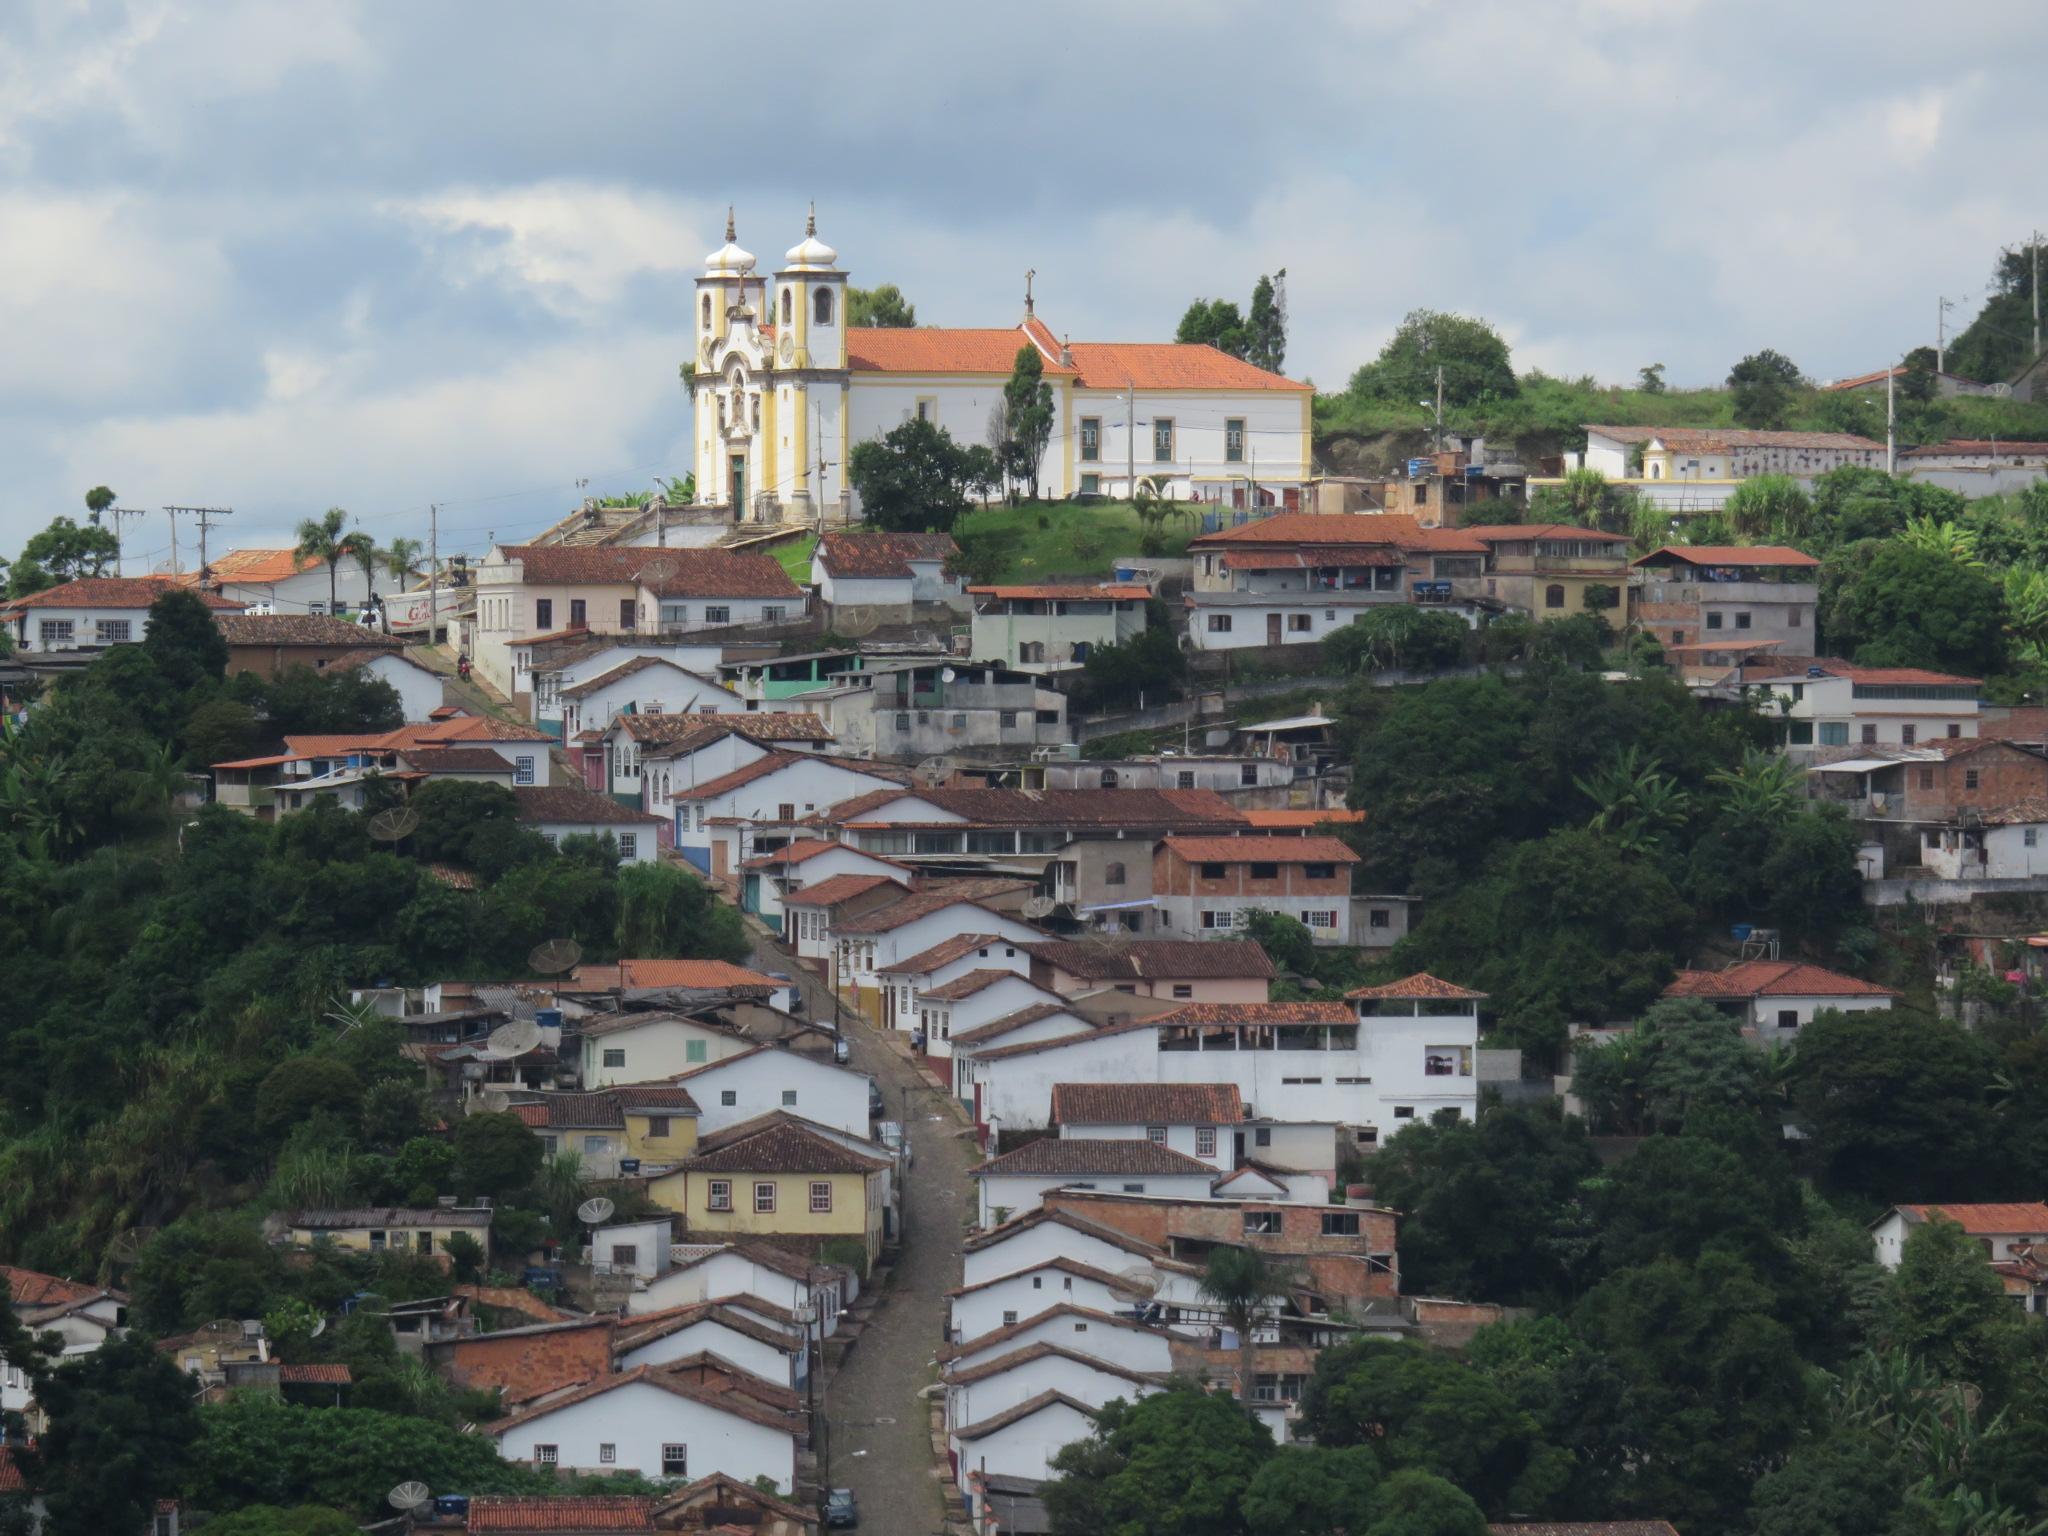 soltesz_bela_hatizsakkal_braziliaban_303_26384726872_o.jpg